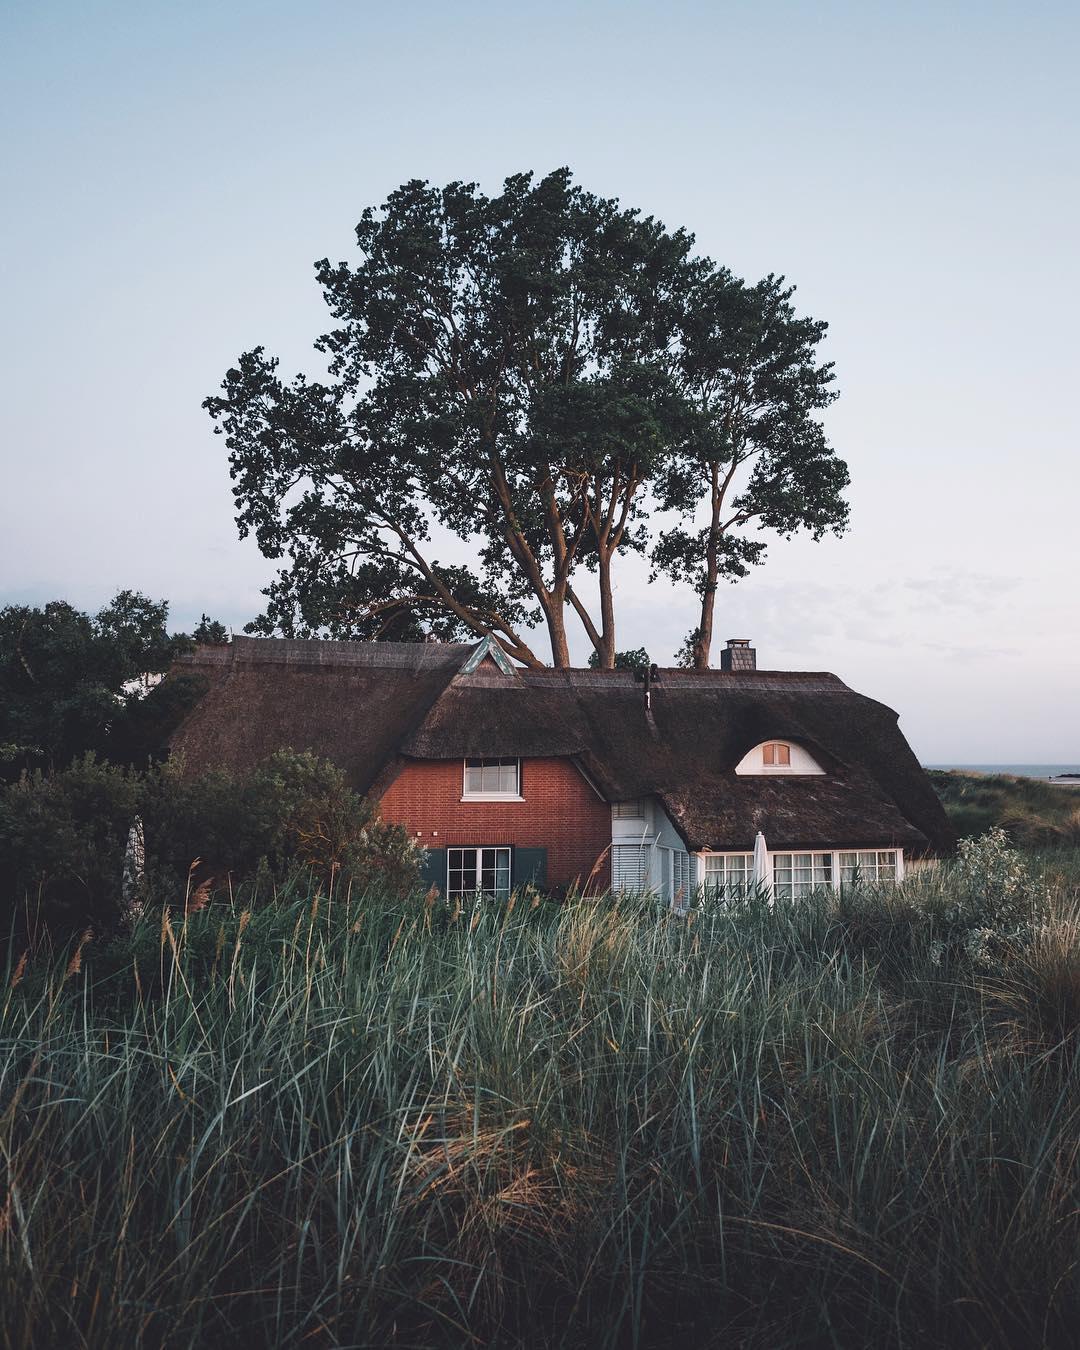 Пейзажи и путешествия на снимках Лео Томаса